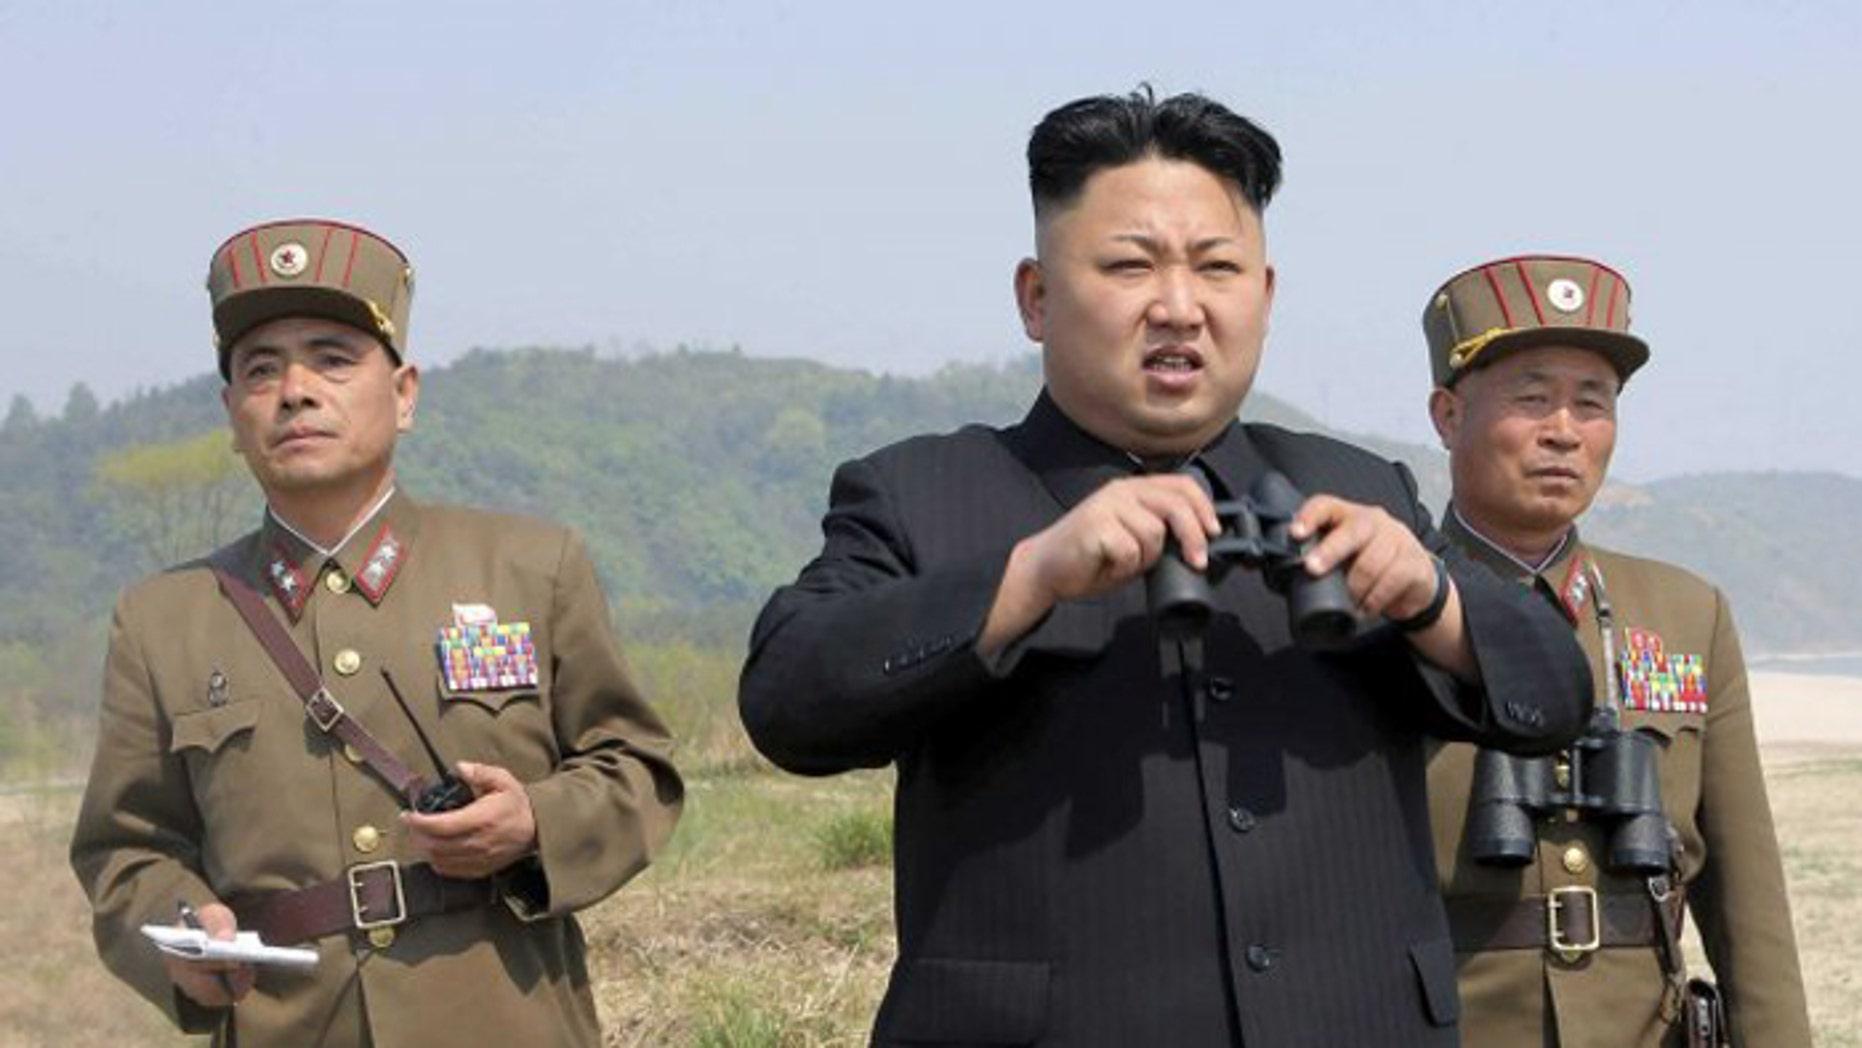 Some nerve: North Korean dictator Kim Jong Un's repressive regime is criticizing the CIA for its enhanced interrogation tactics. (Reuters)